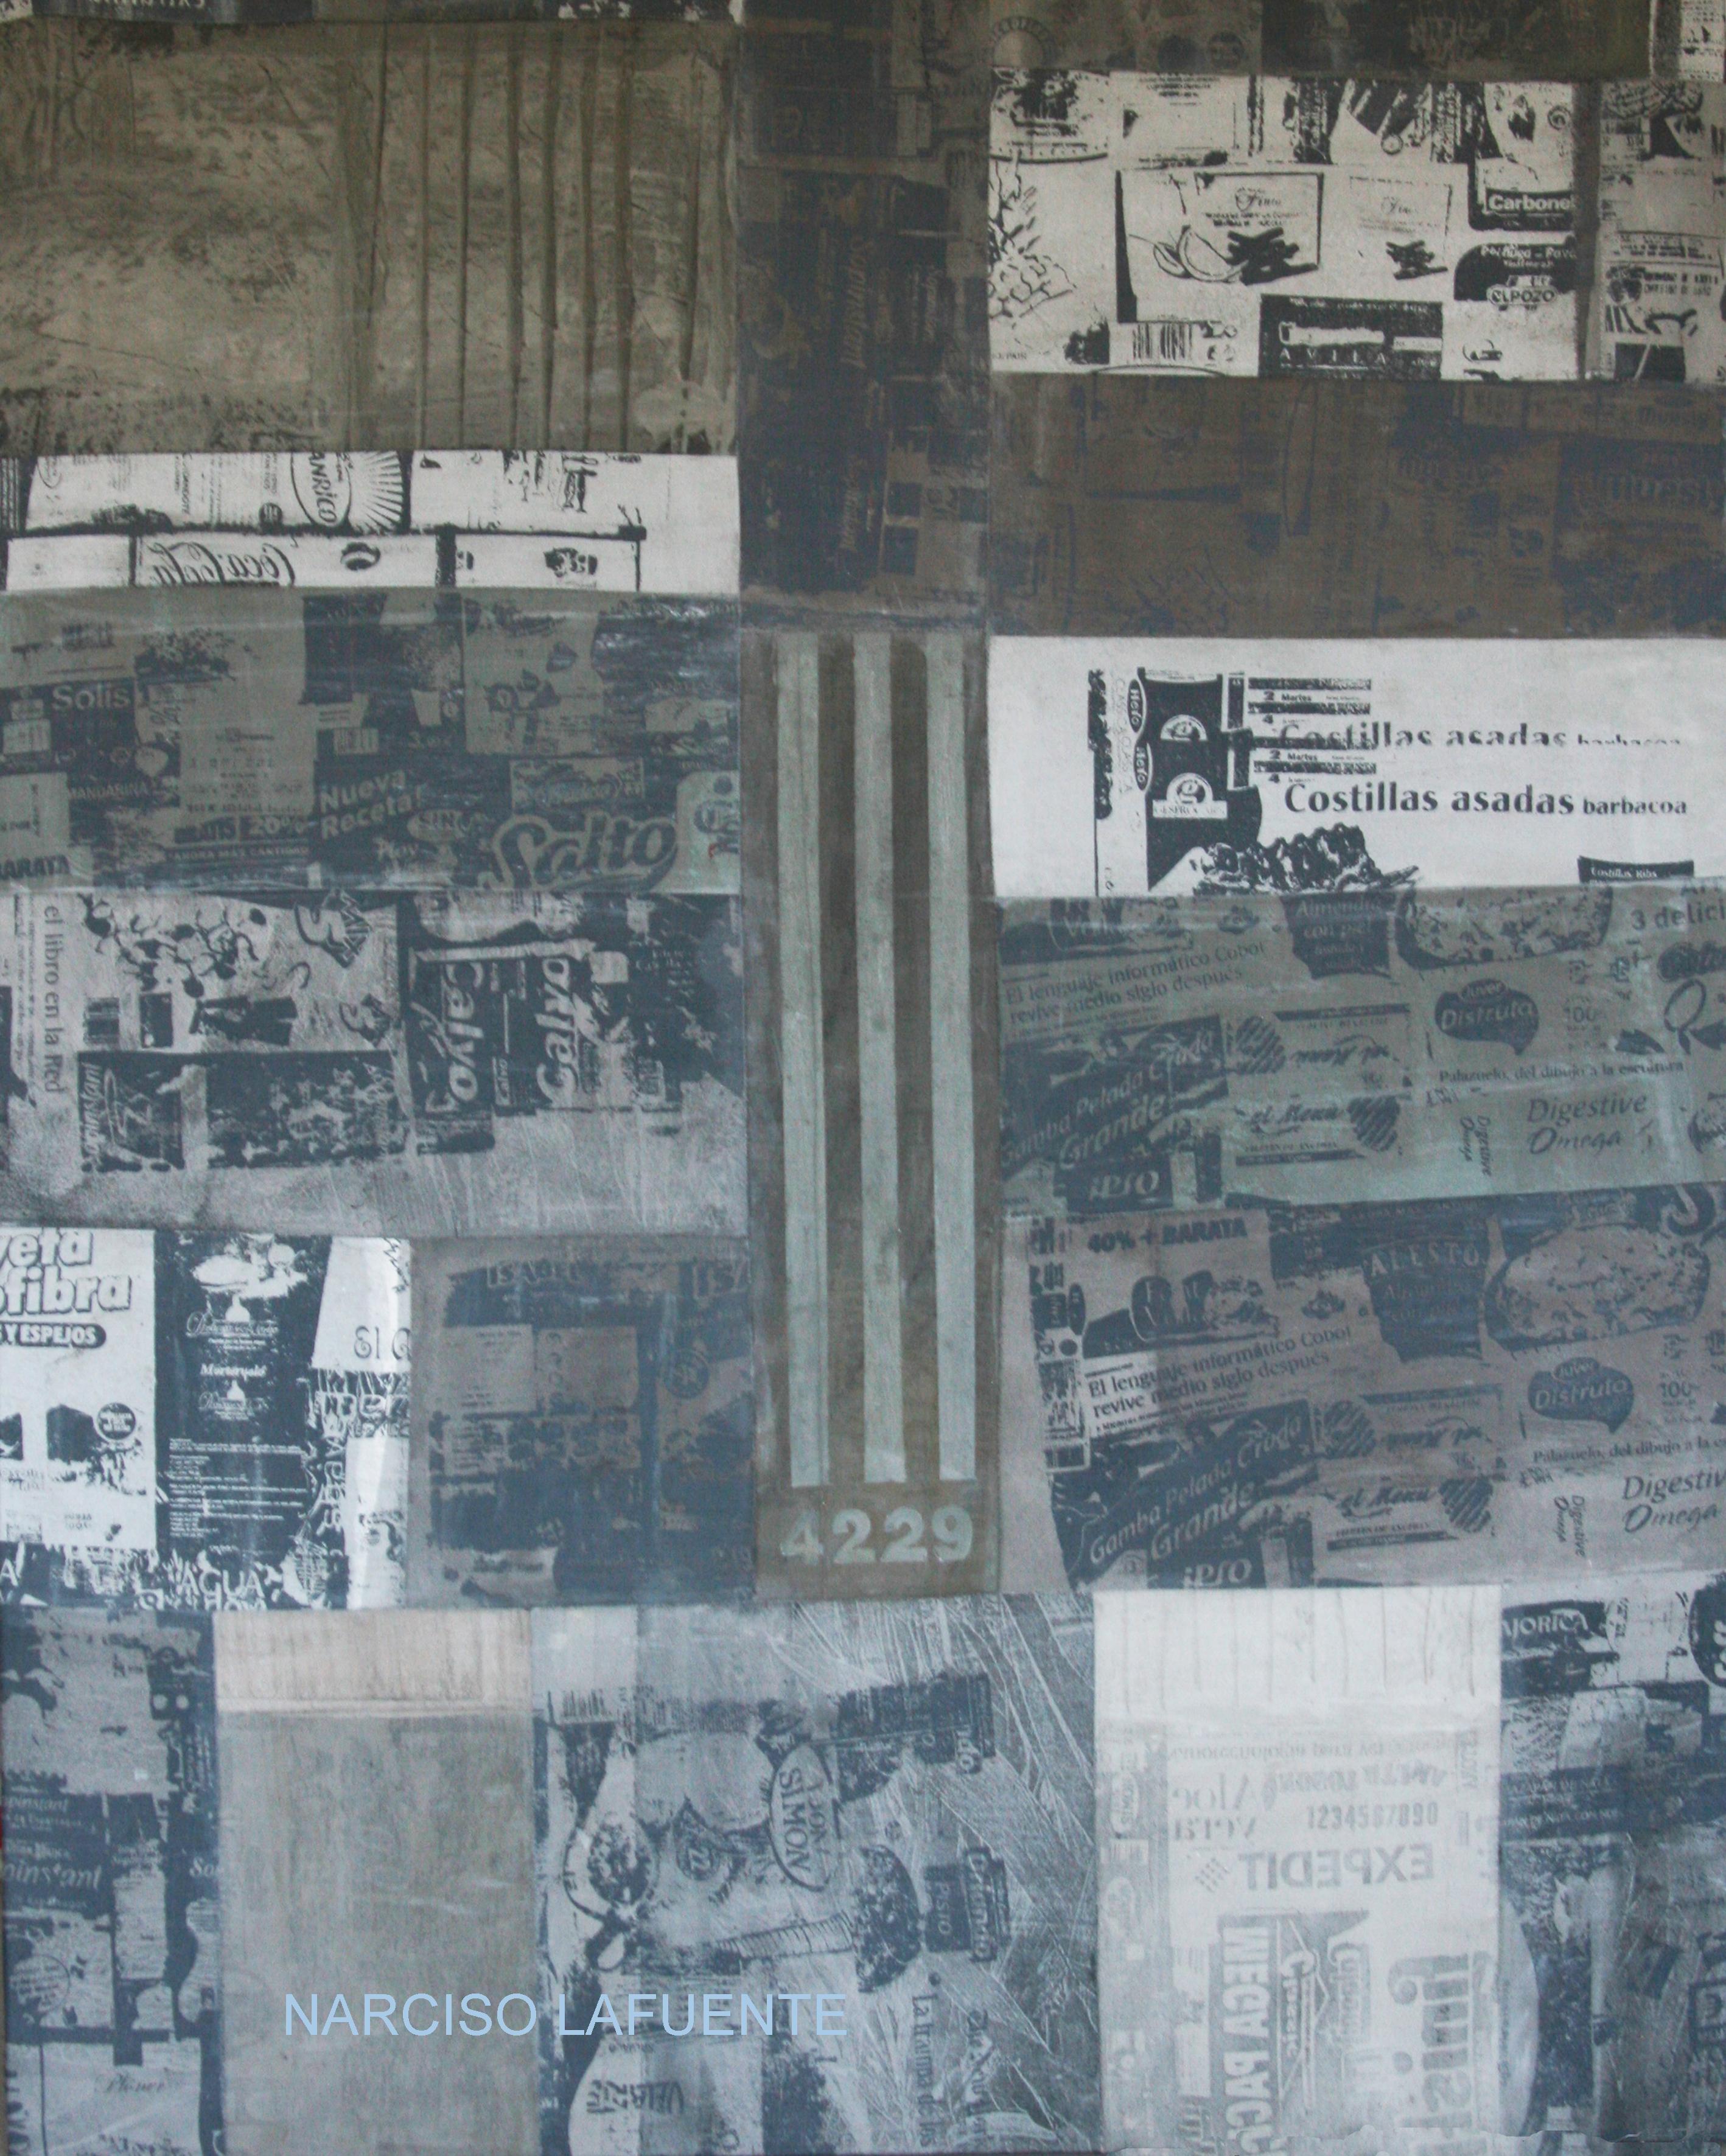 Obra relizada durante 2013 al 2015, técnica, serigrafía sobre lienzo pintado y cosido.